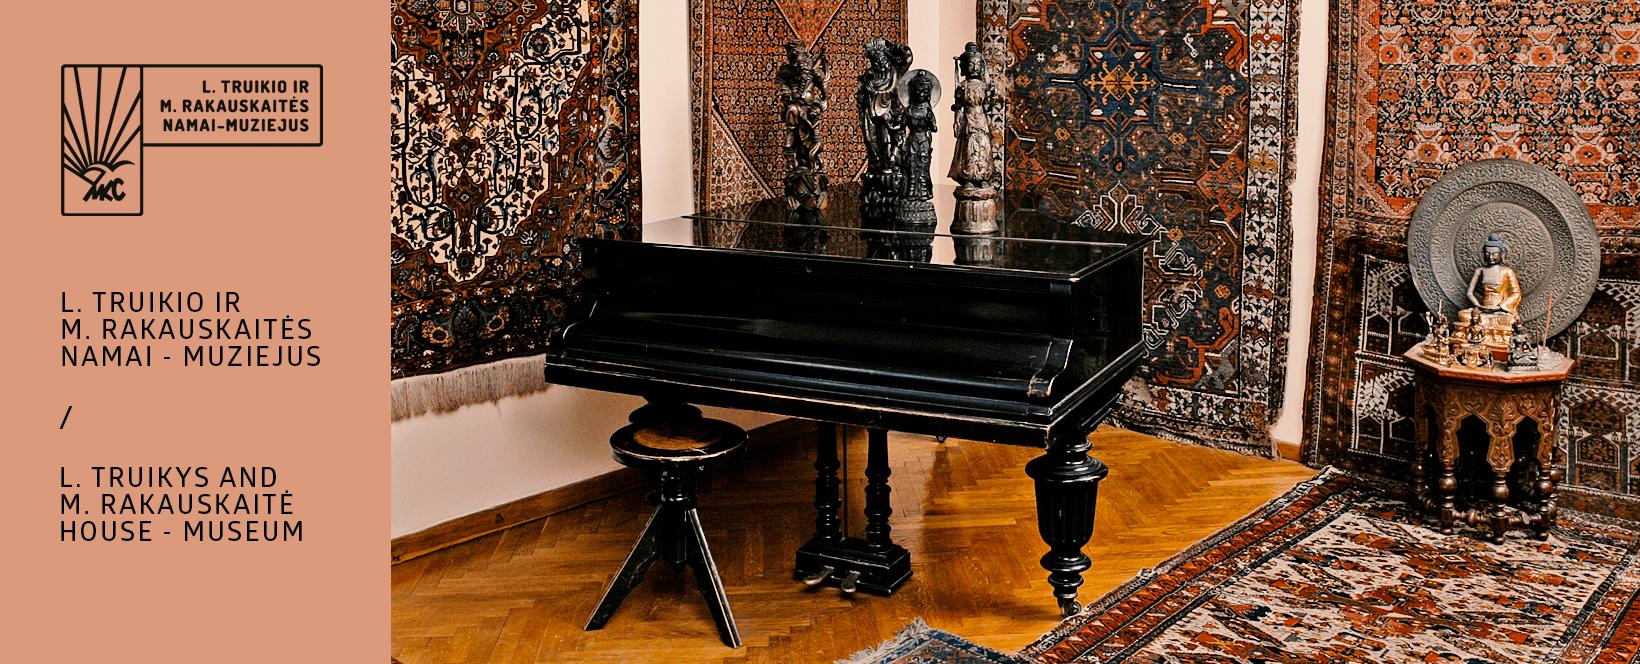 Truikio ir Rakauskaites namai -muziejus